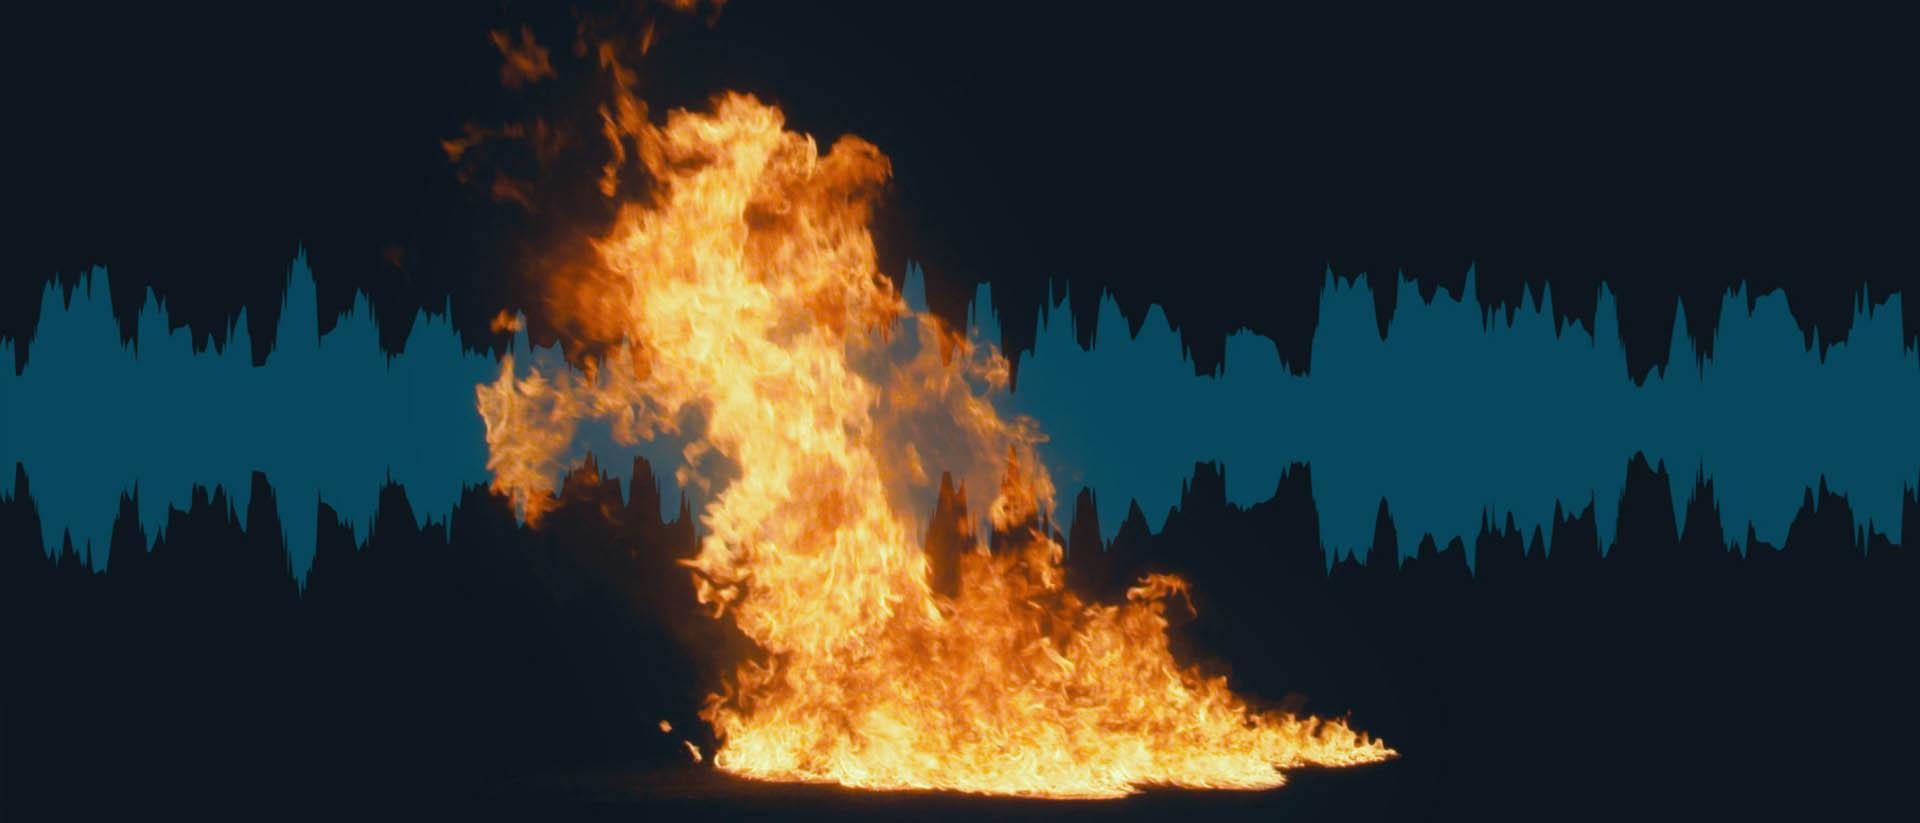 Free fire sound fx banner